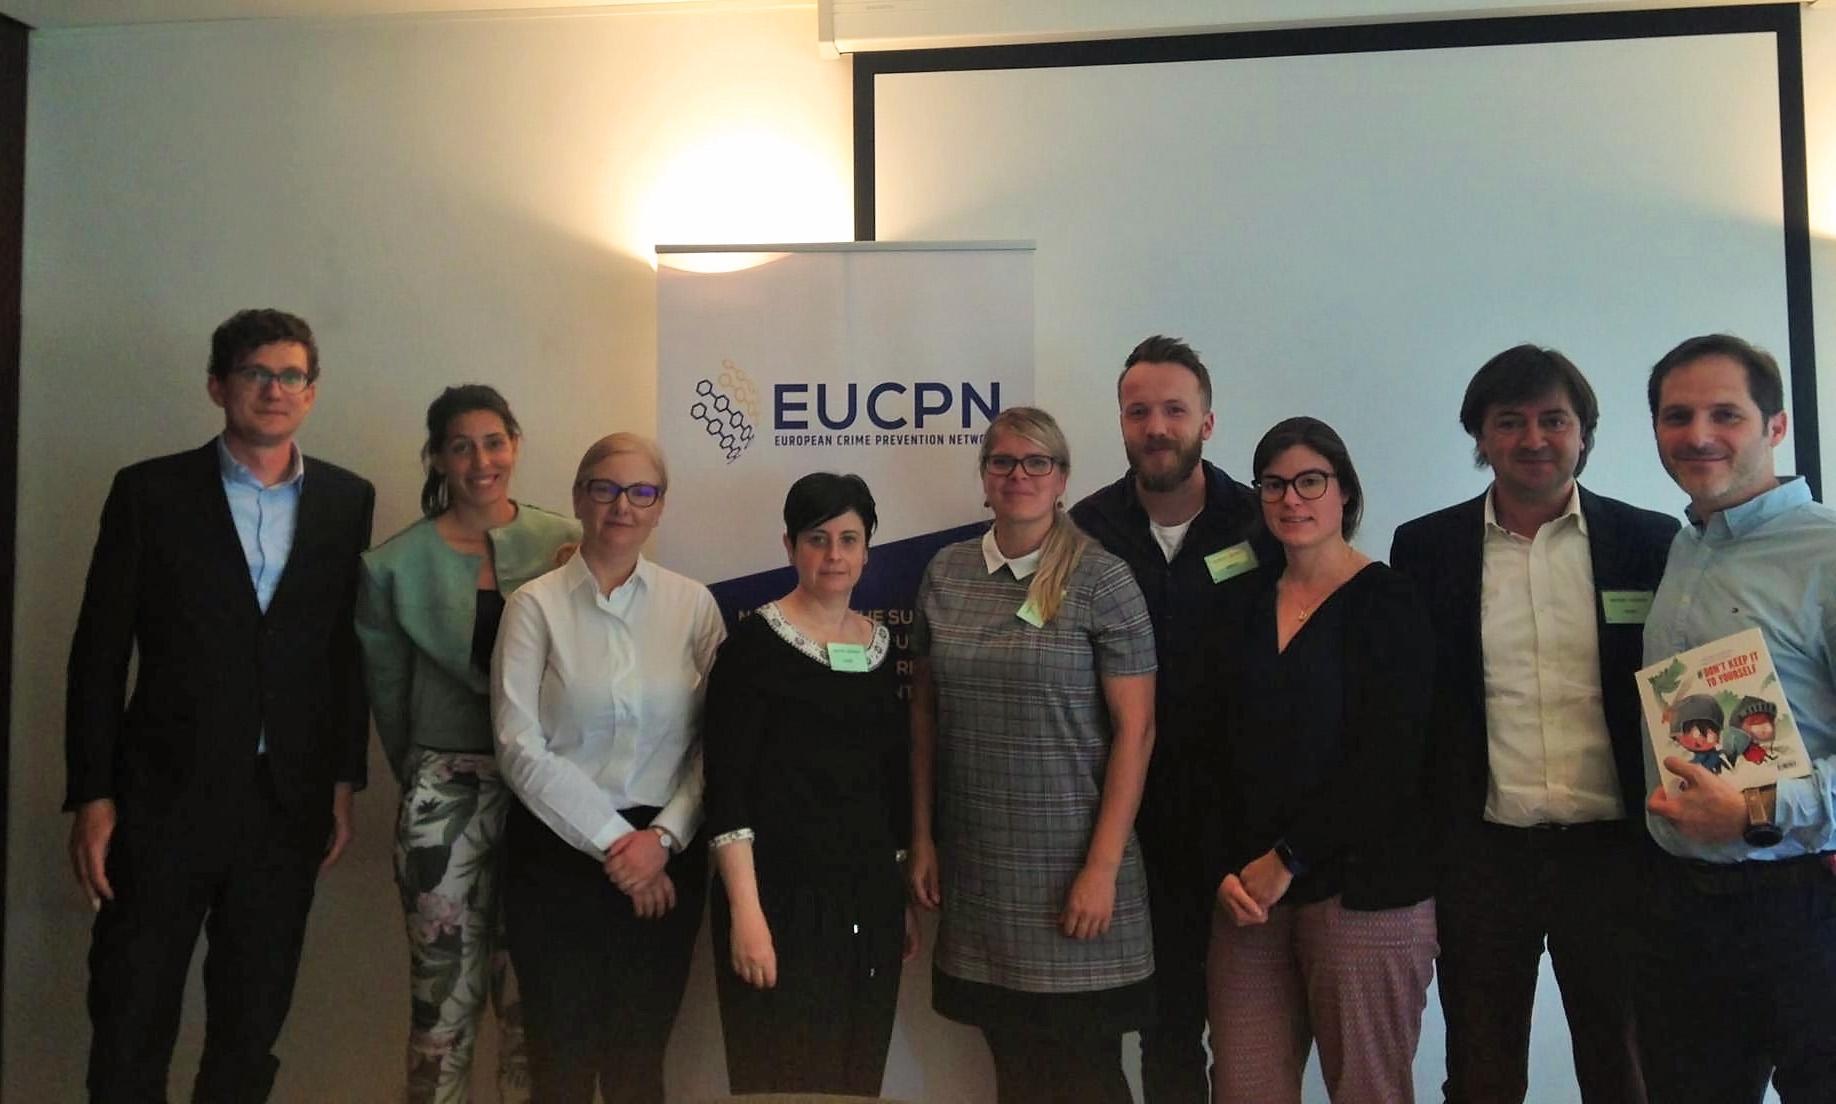 asistenets EUCPN